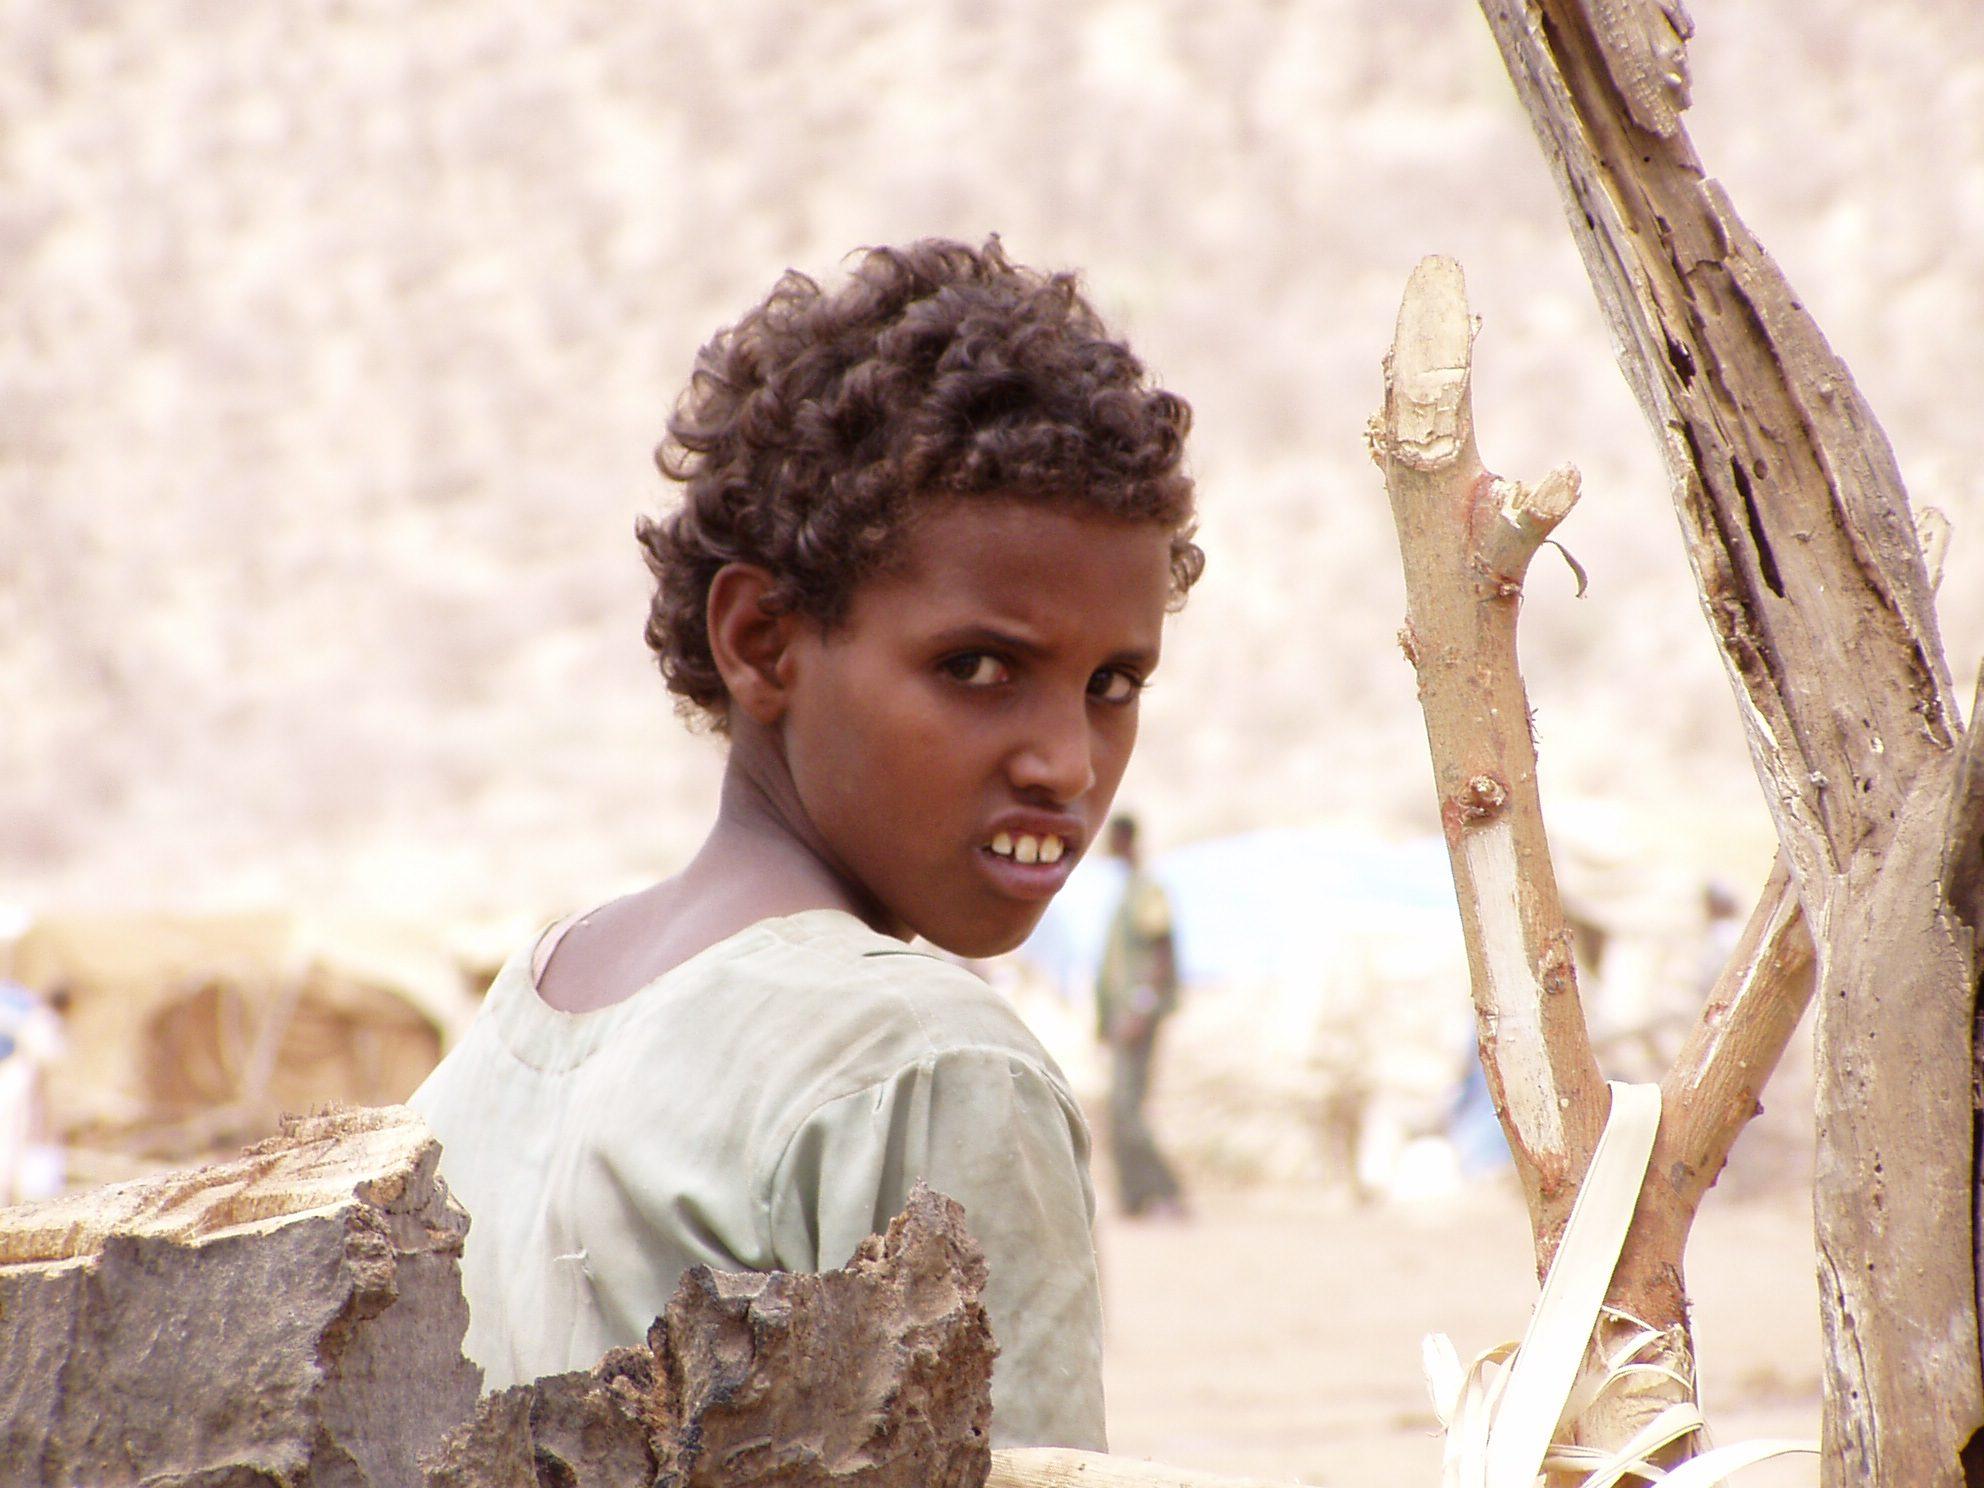 An Eritrean refugee.